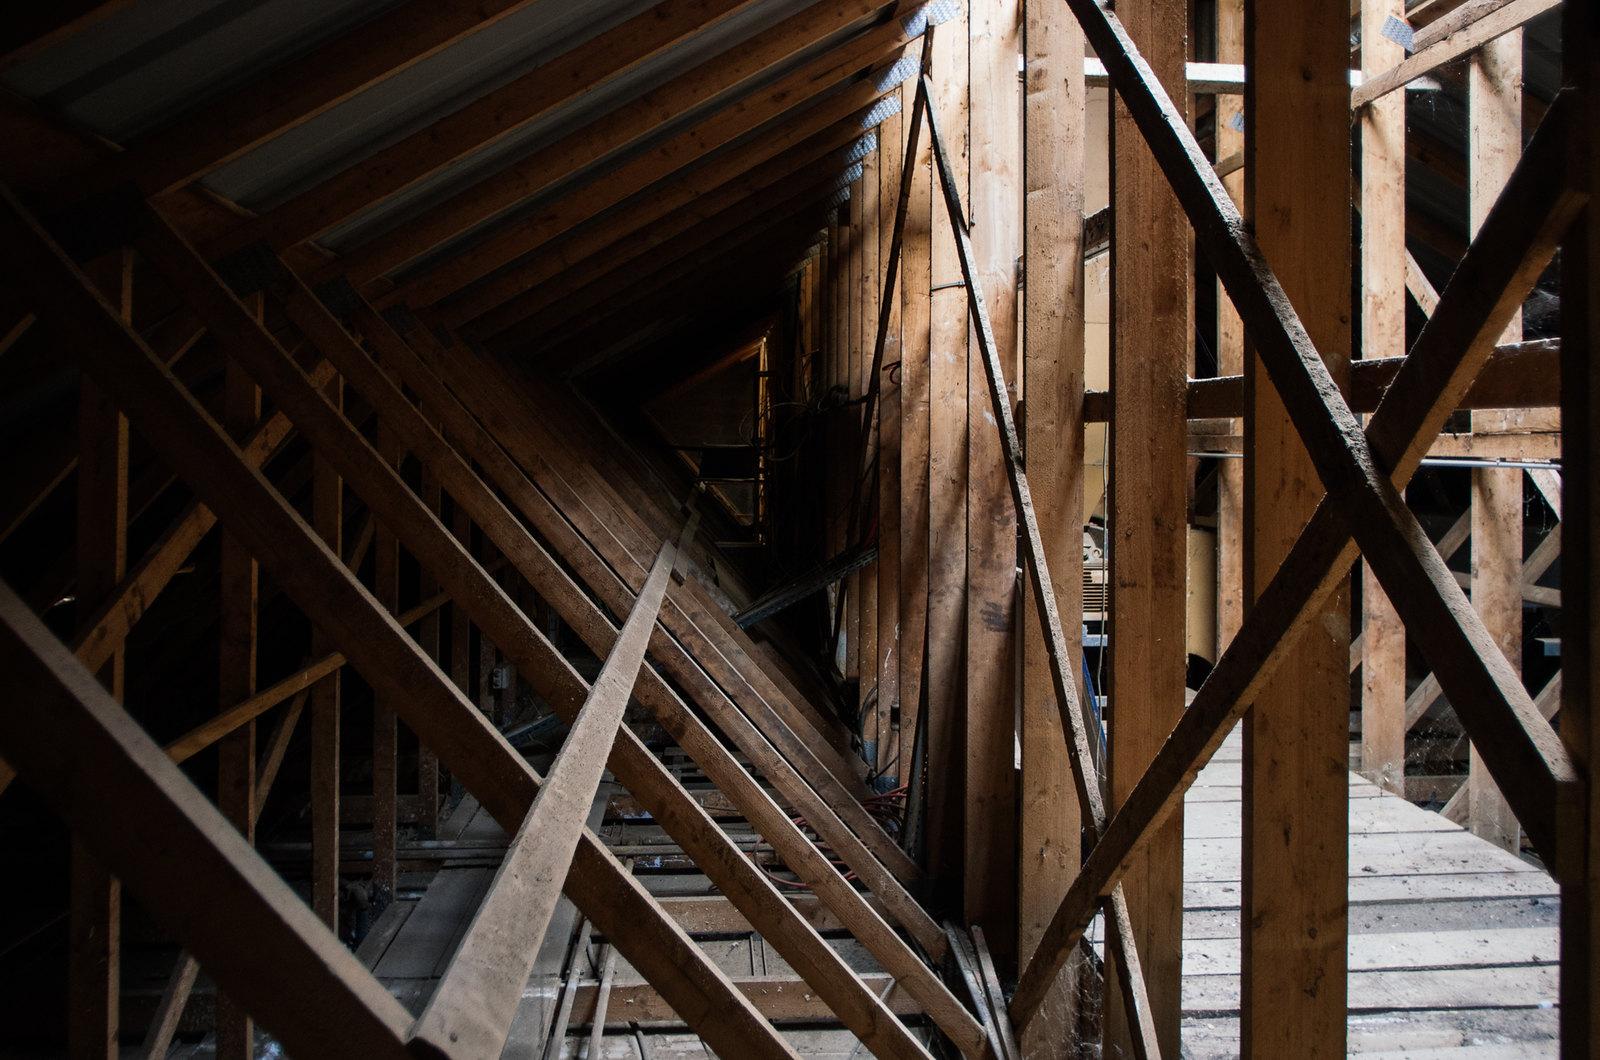 Légendes de la forêt d'Orient - Carnets de voyage dans l'Aube - Le point de vue du charpentier